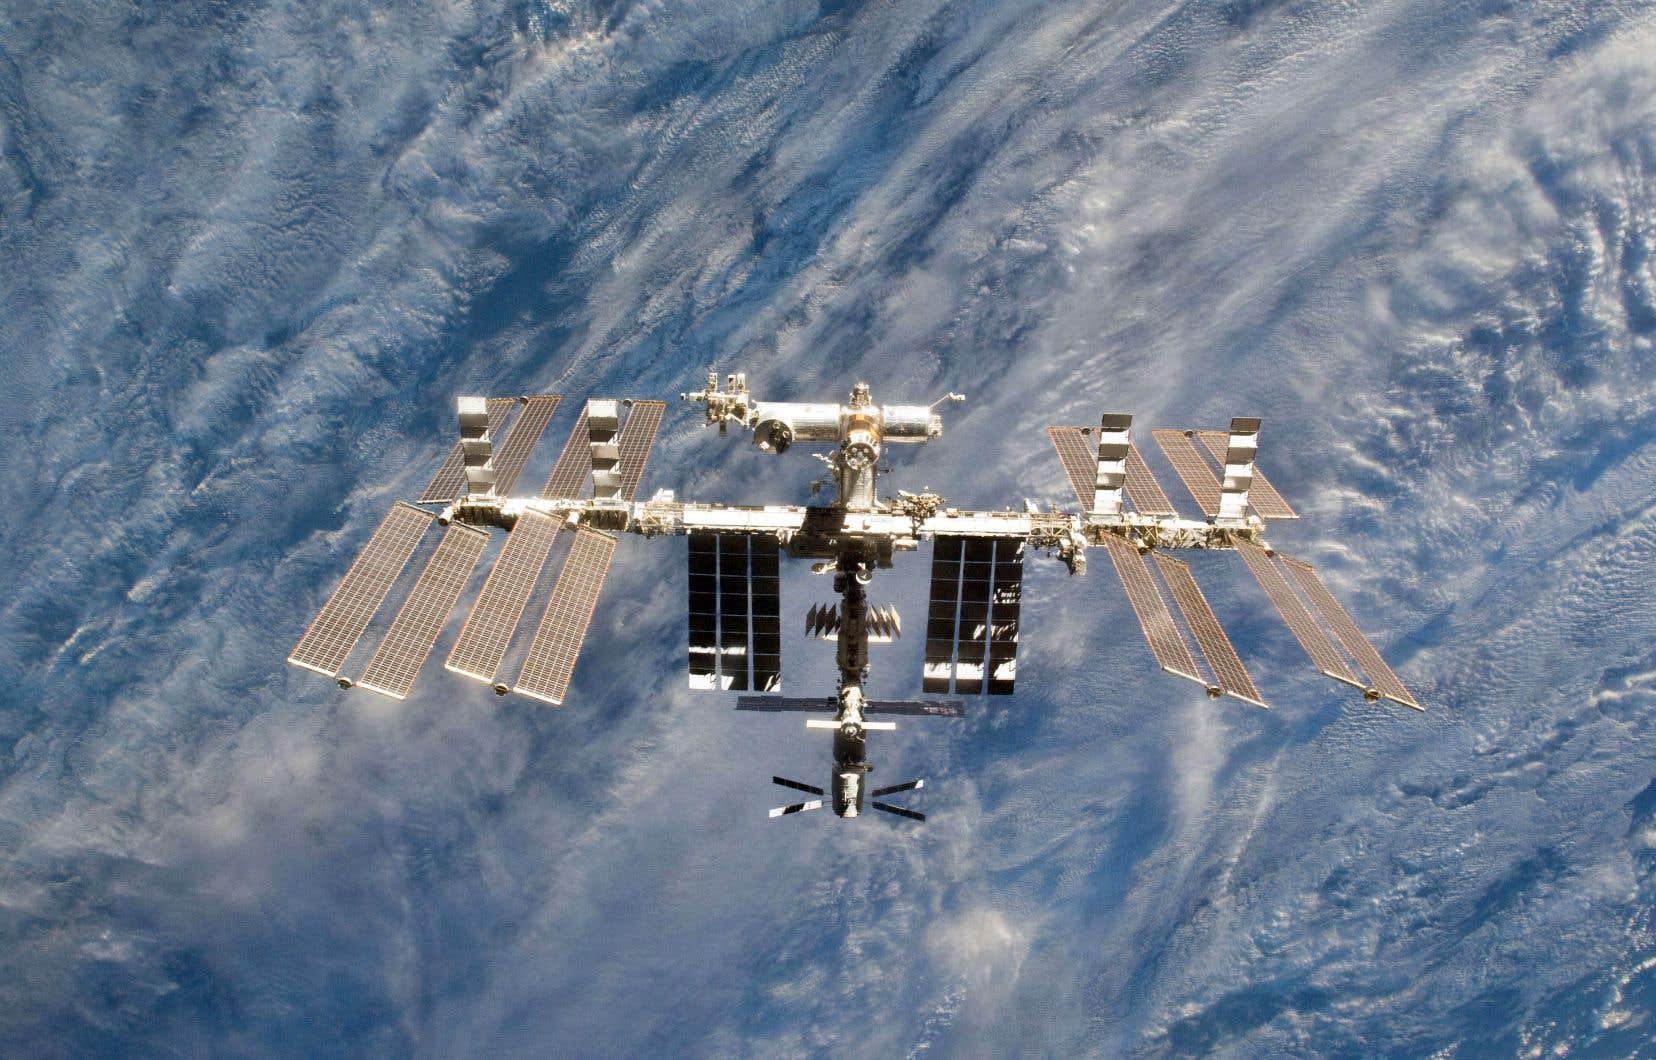 Vue rapprochée de la Station spatiale internationale, en 2011